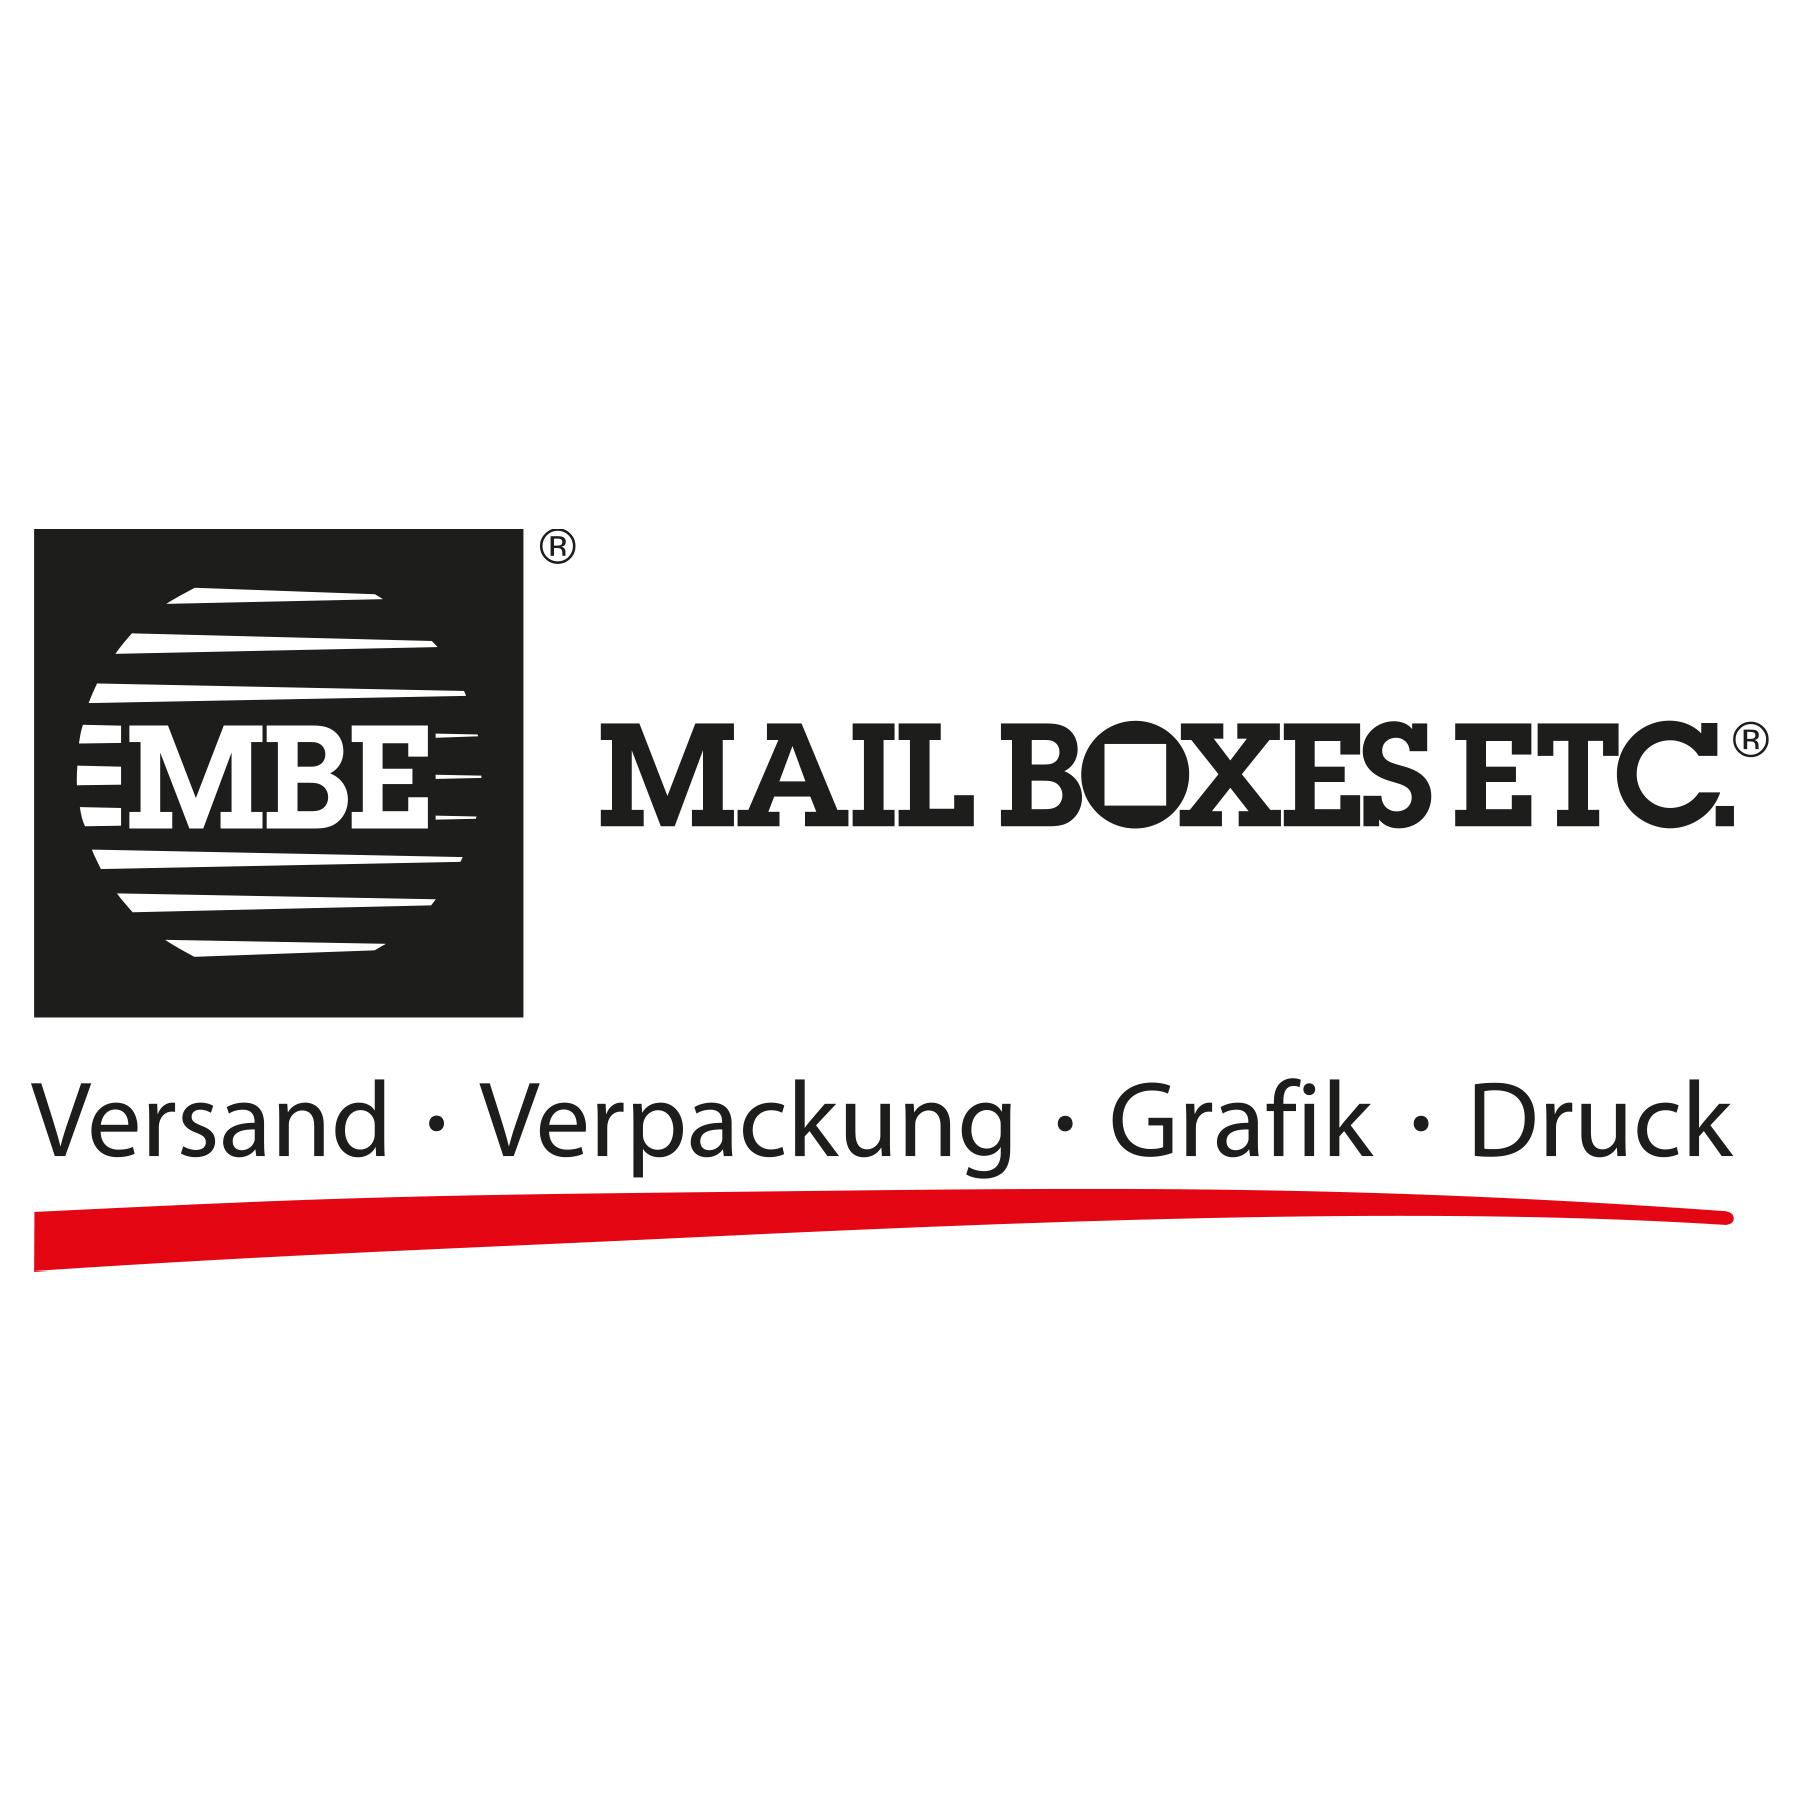 Logo von MBE Mail Boxes Etc. - Versand Verpackung Grafik Druck